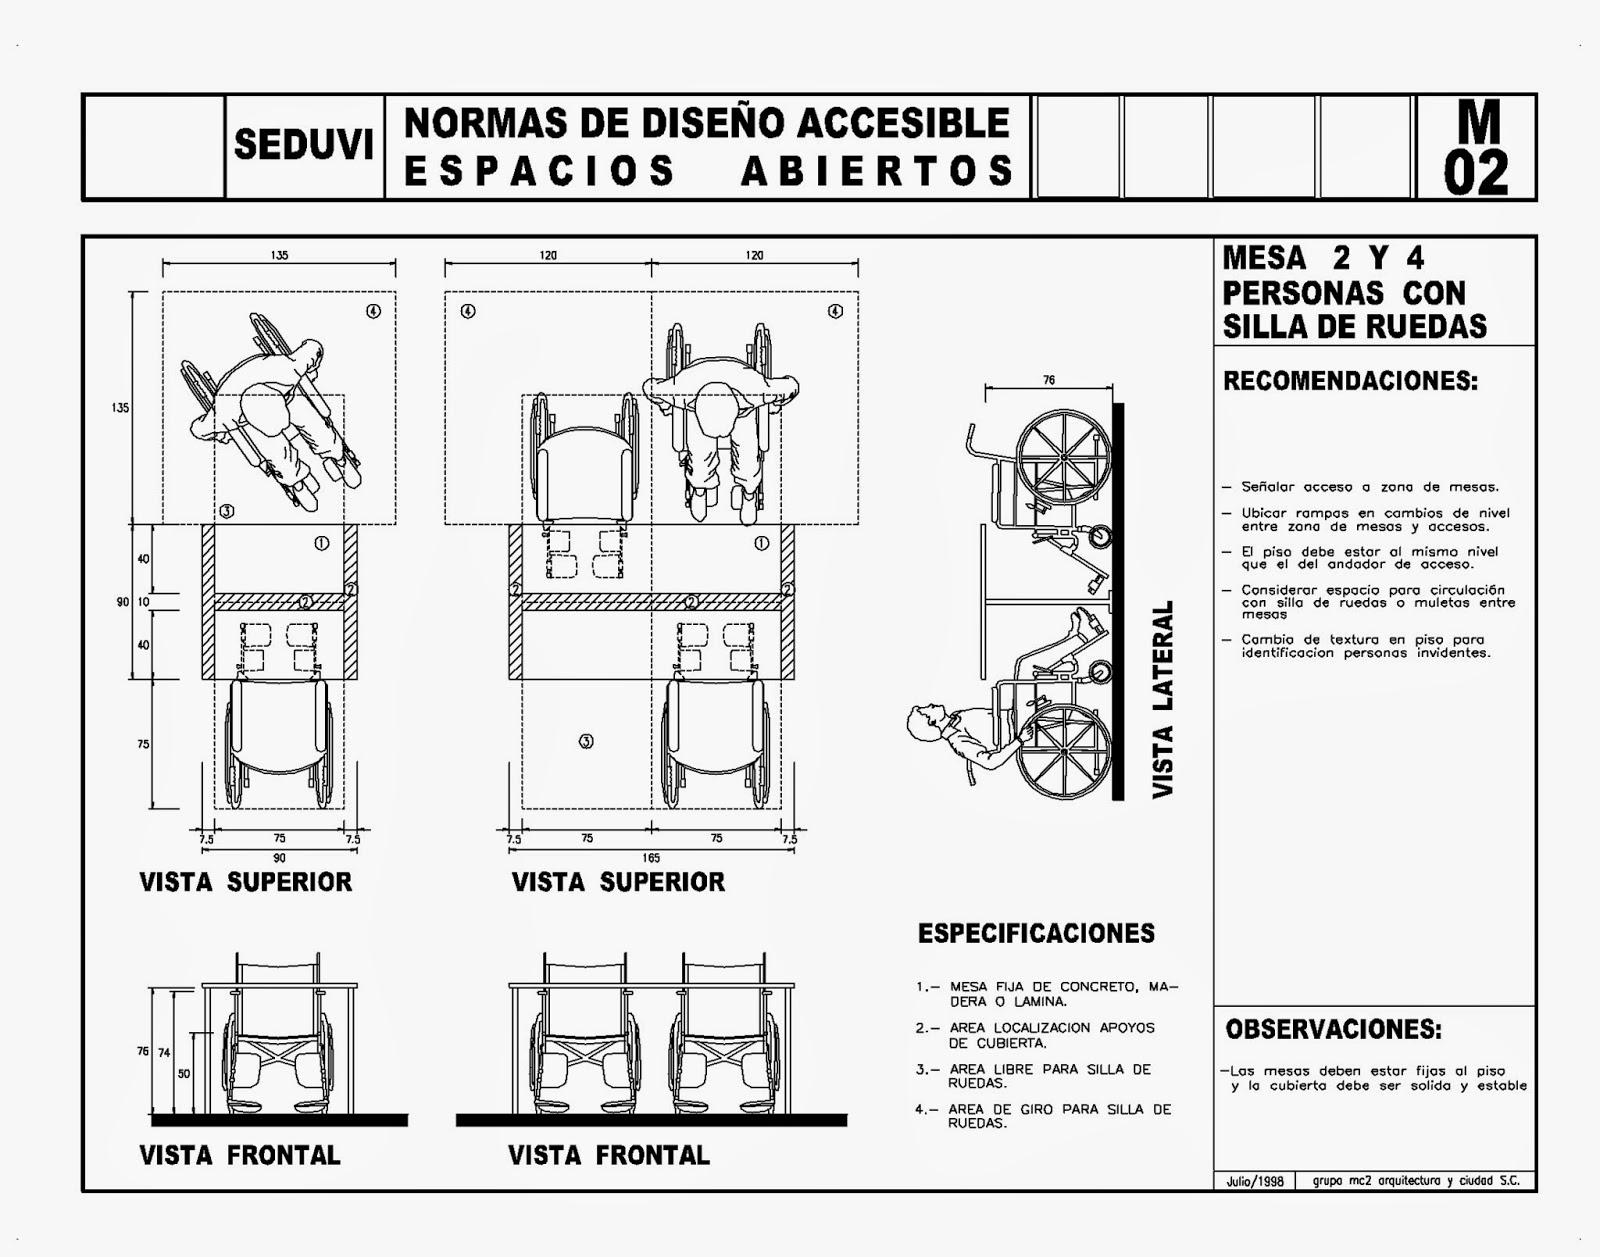 Todo para el Arqui: Normas diseño discapacitados (3) SEDUVI - Autocad